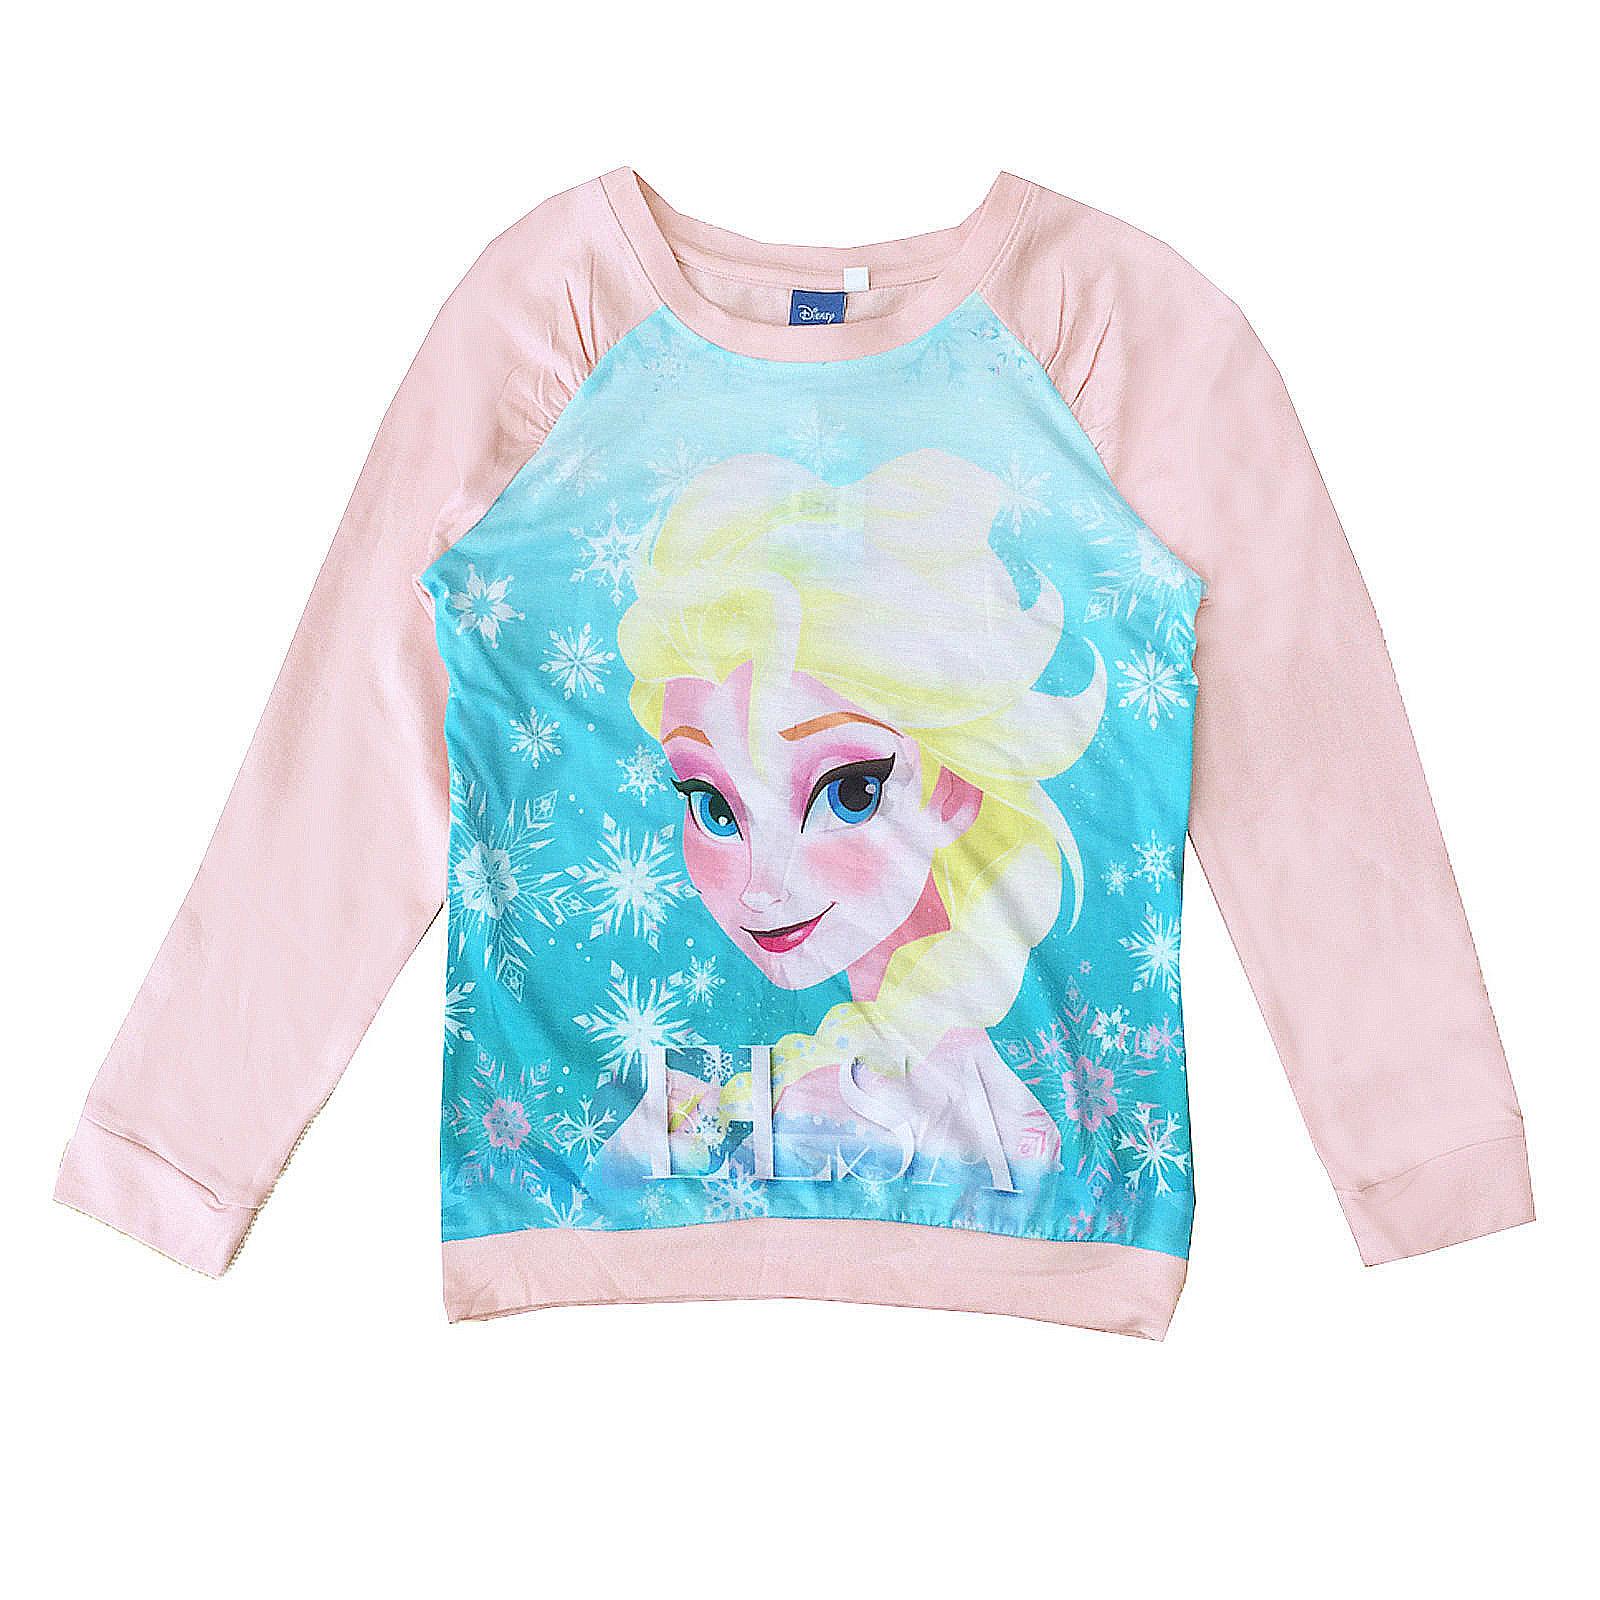 Disney-Frozen-Girls-Official-Elsa-T-Shirt-Sweatshirt-Snow-Queen-Final-Clearance thumbnail 3